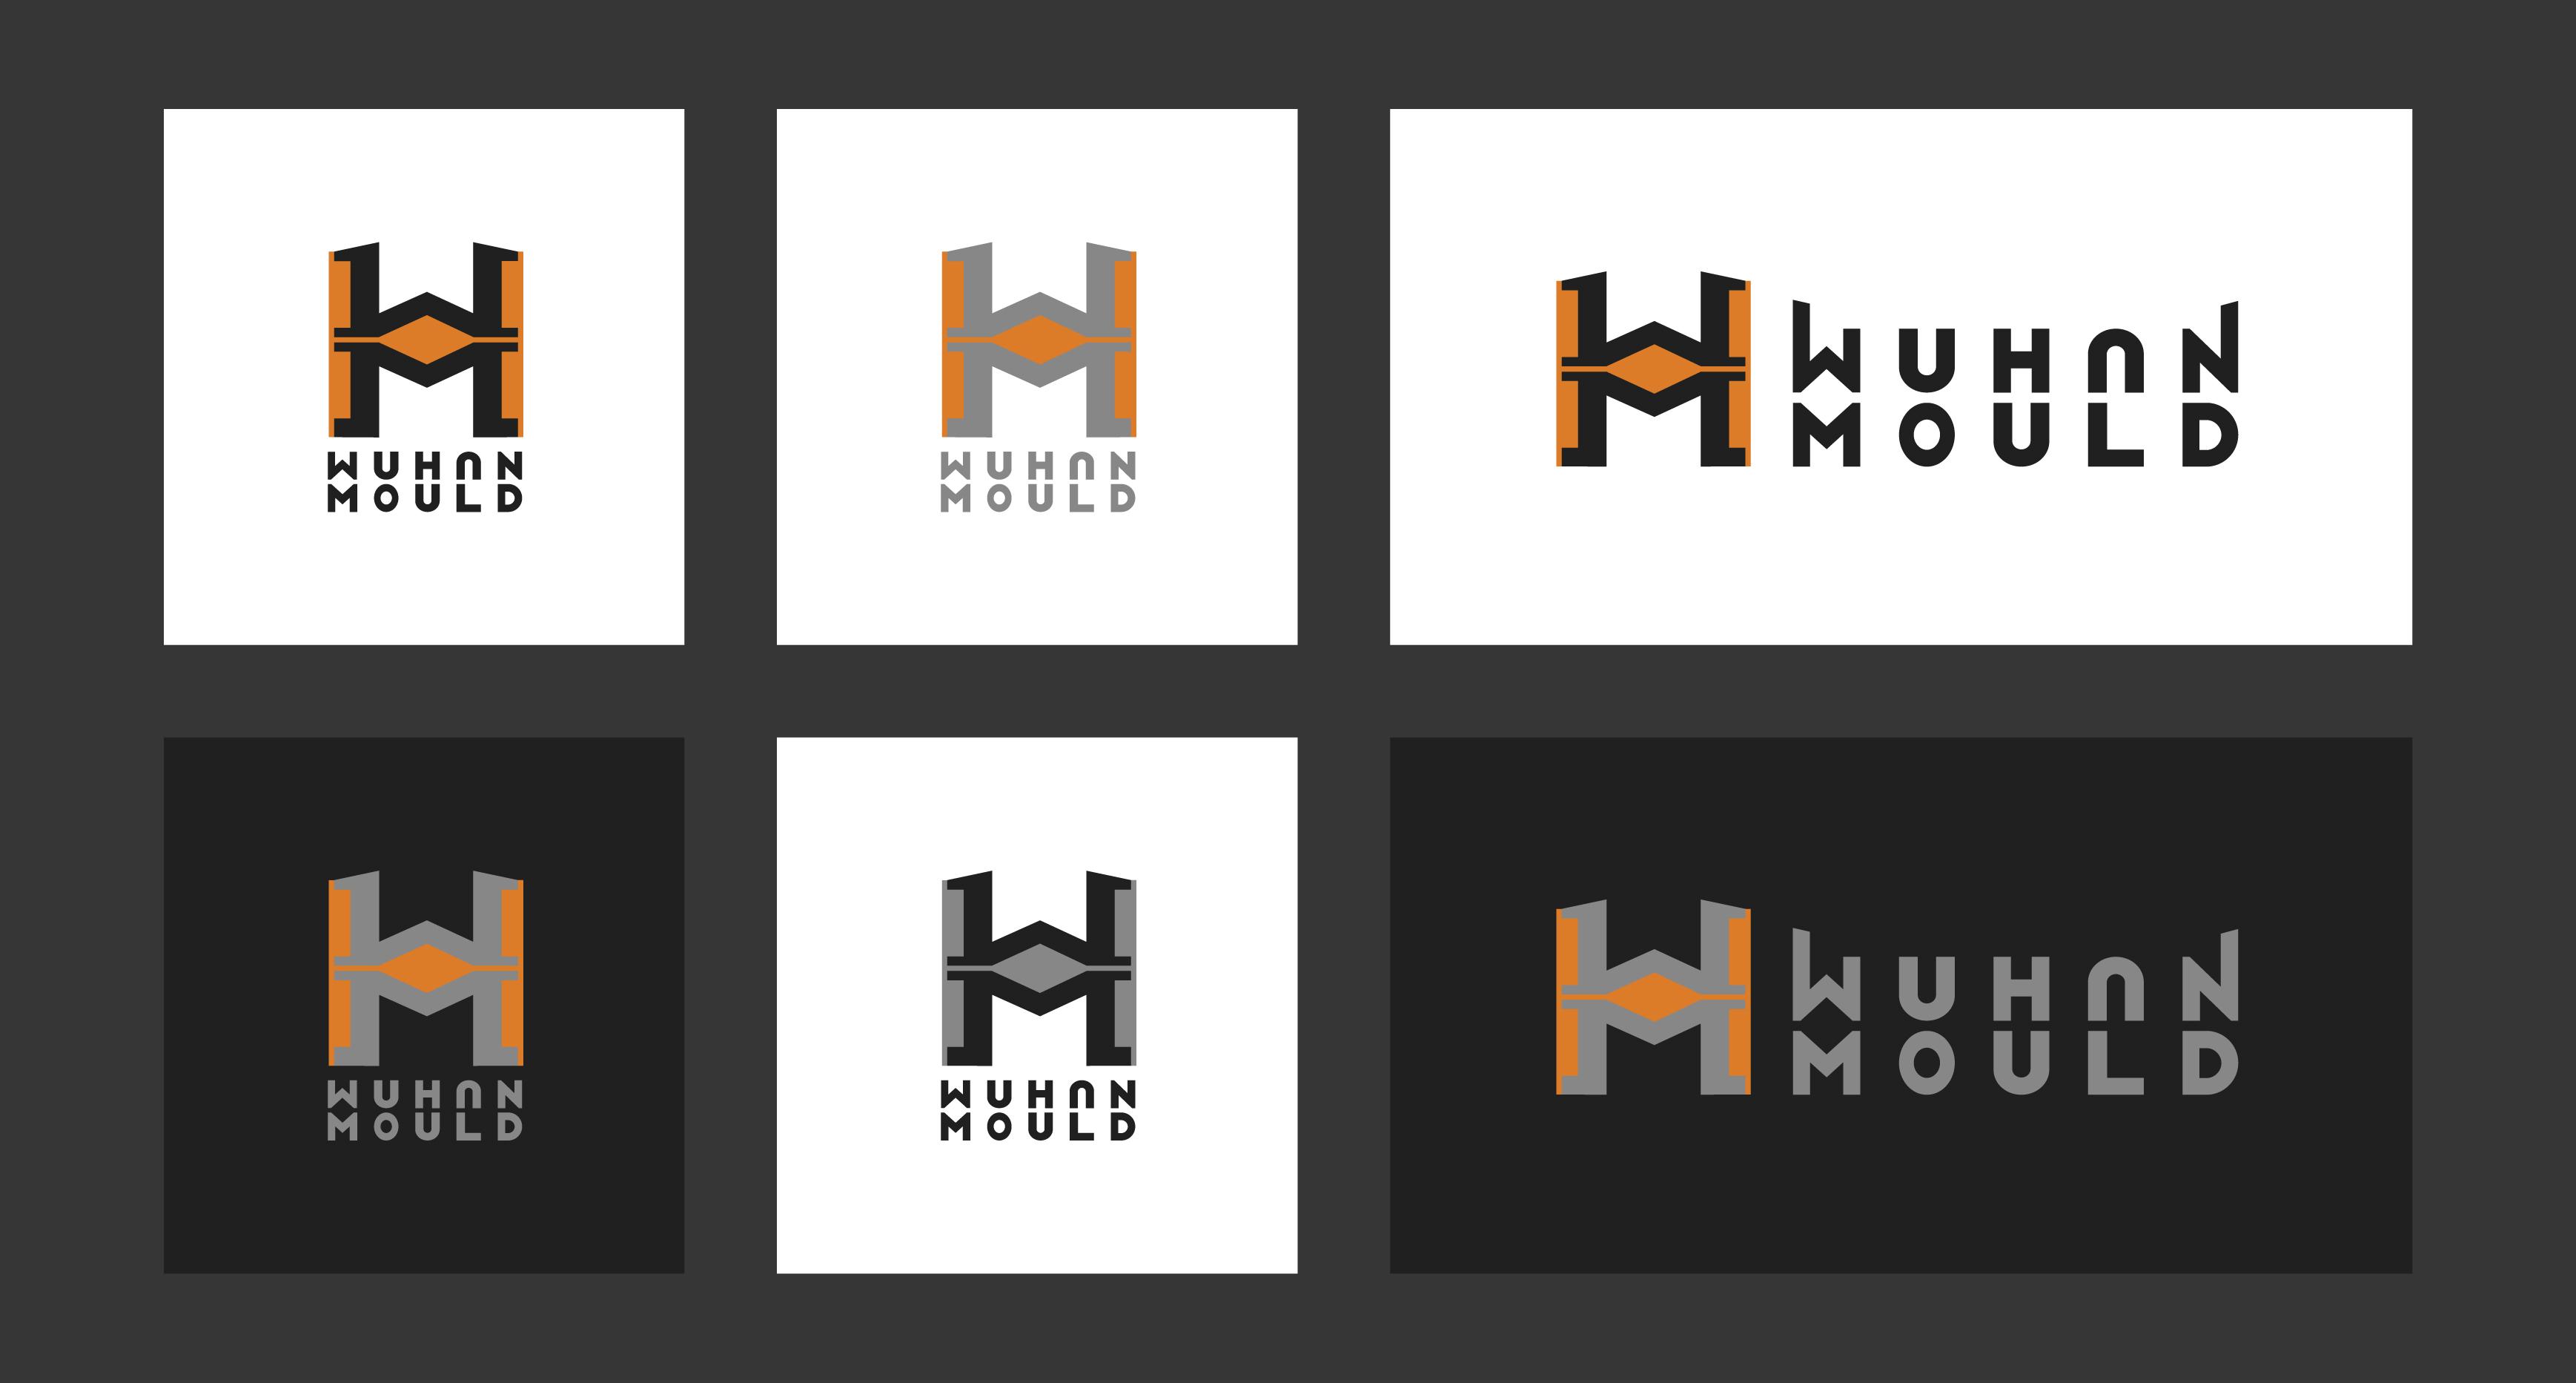 Создать логотип для фабрики пресс-форм фото f_30459906f64749c4.jpg